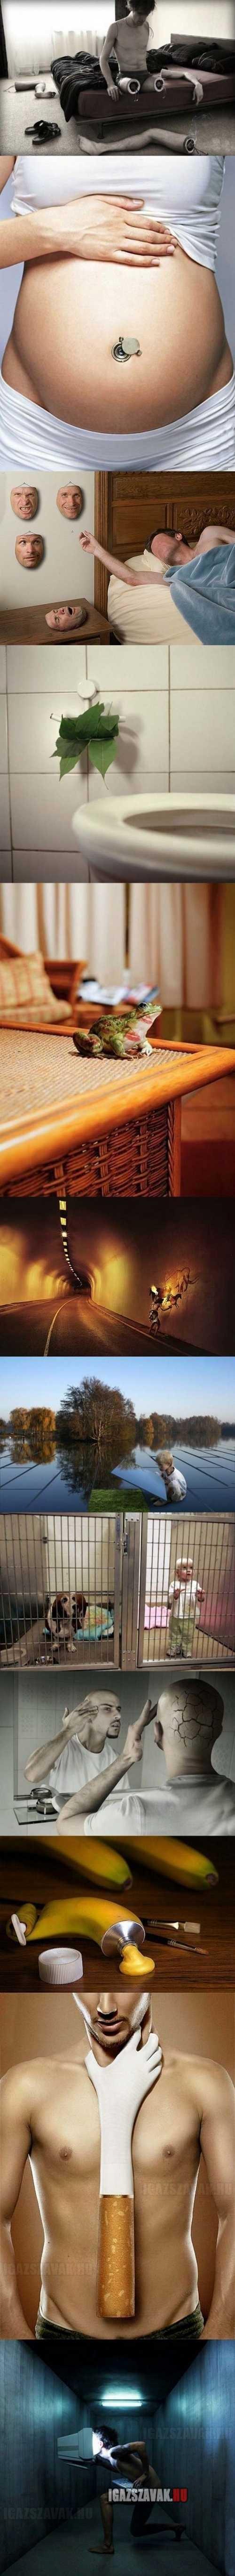 Kreatív és elgondolkodtató fotómanipulációk